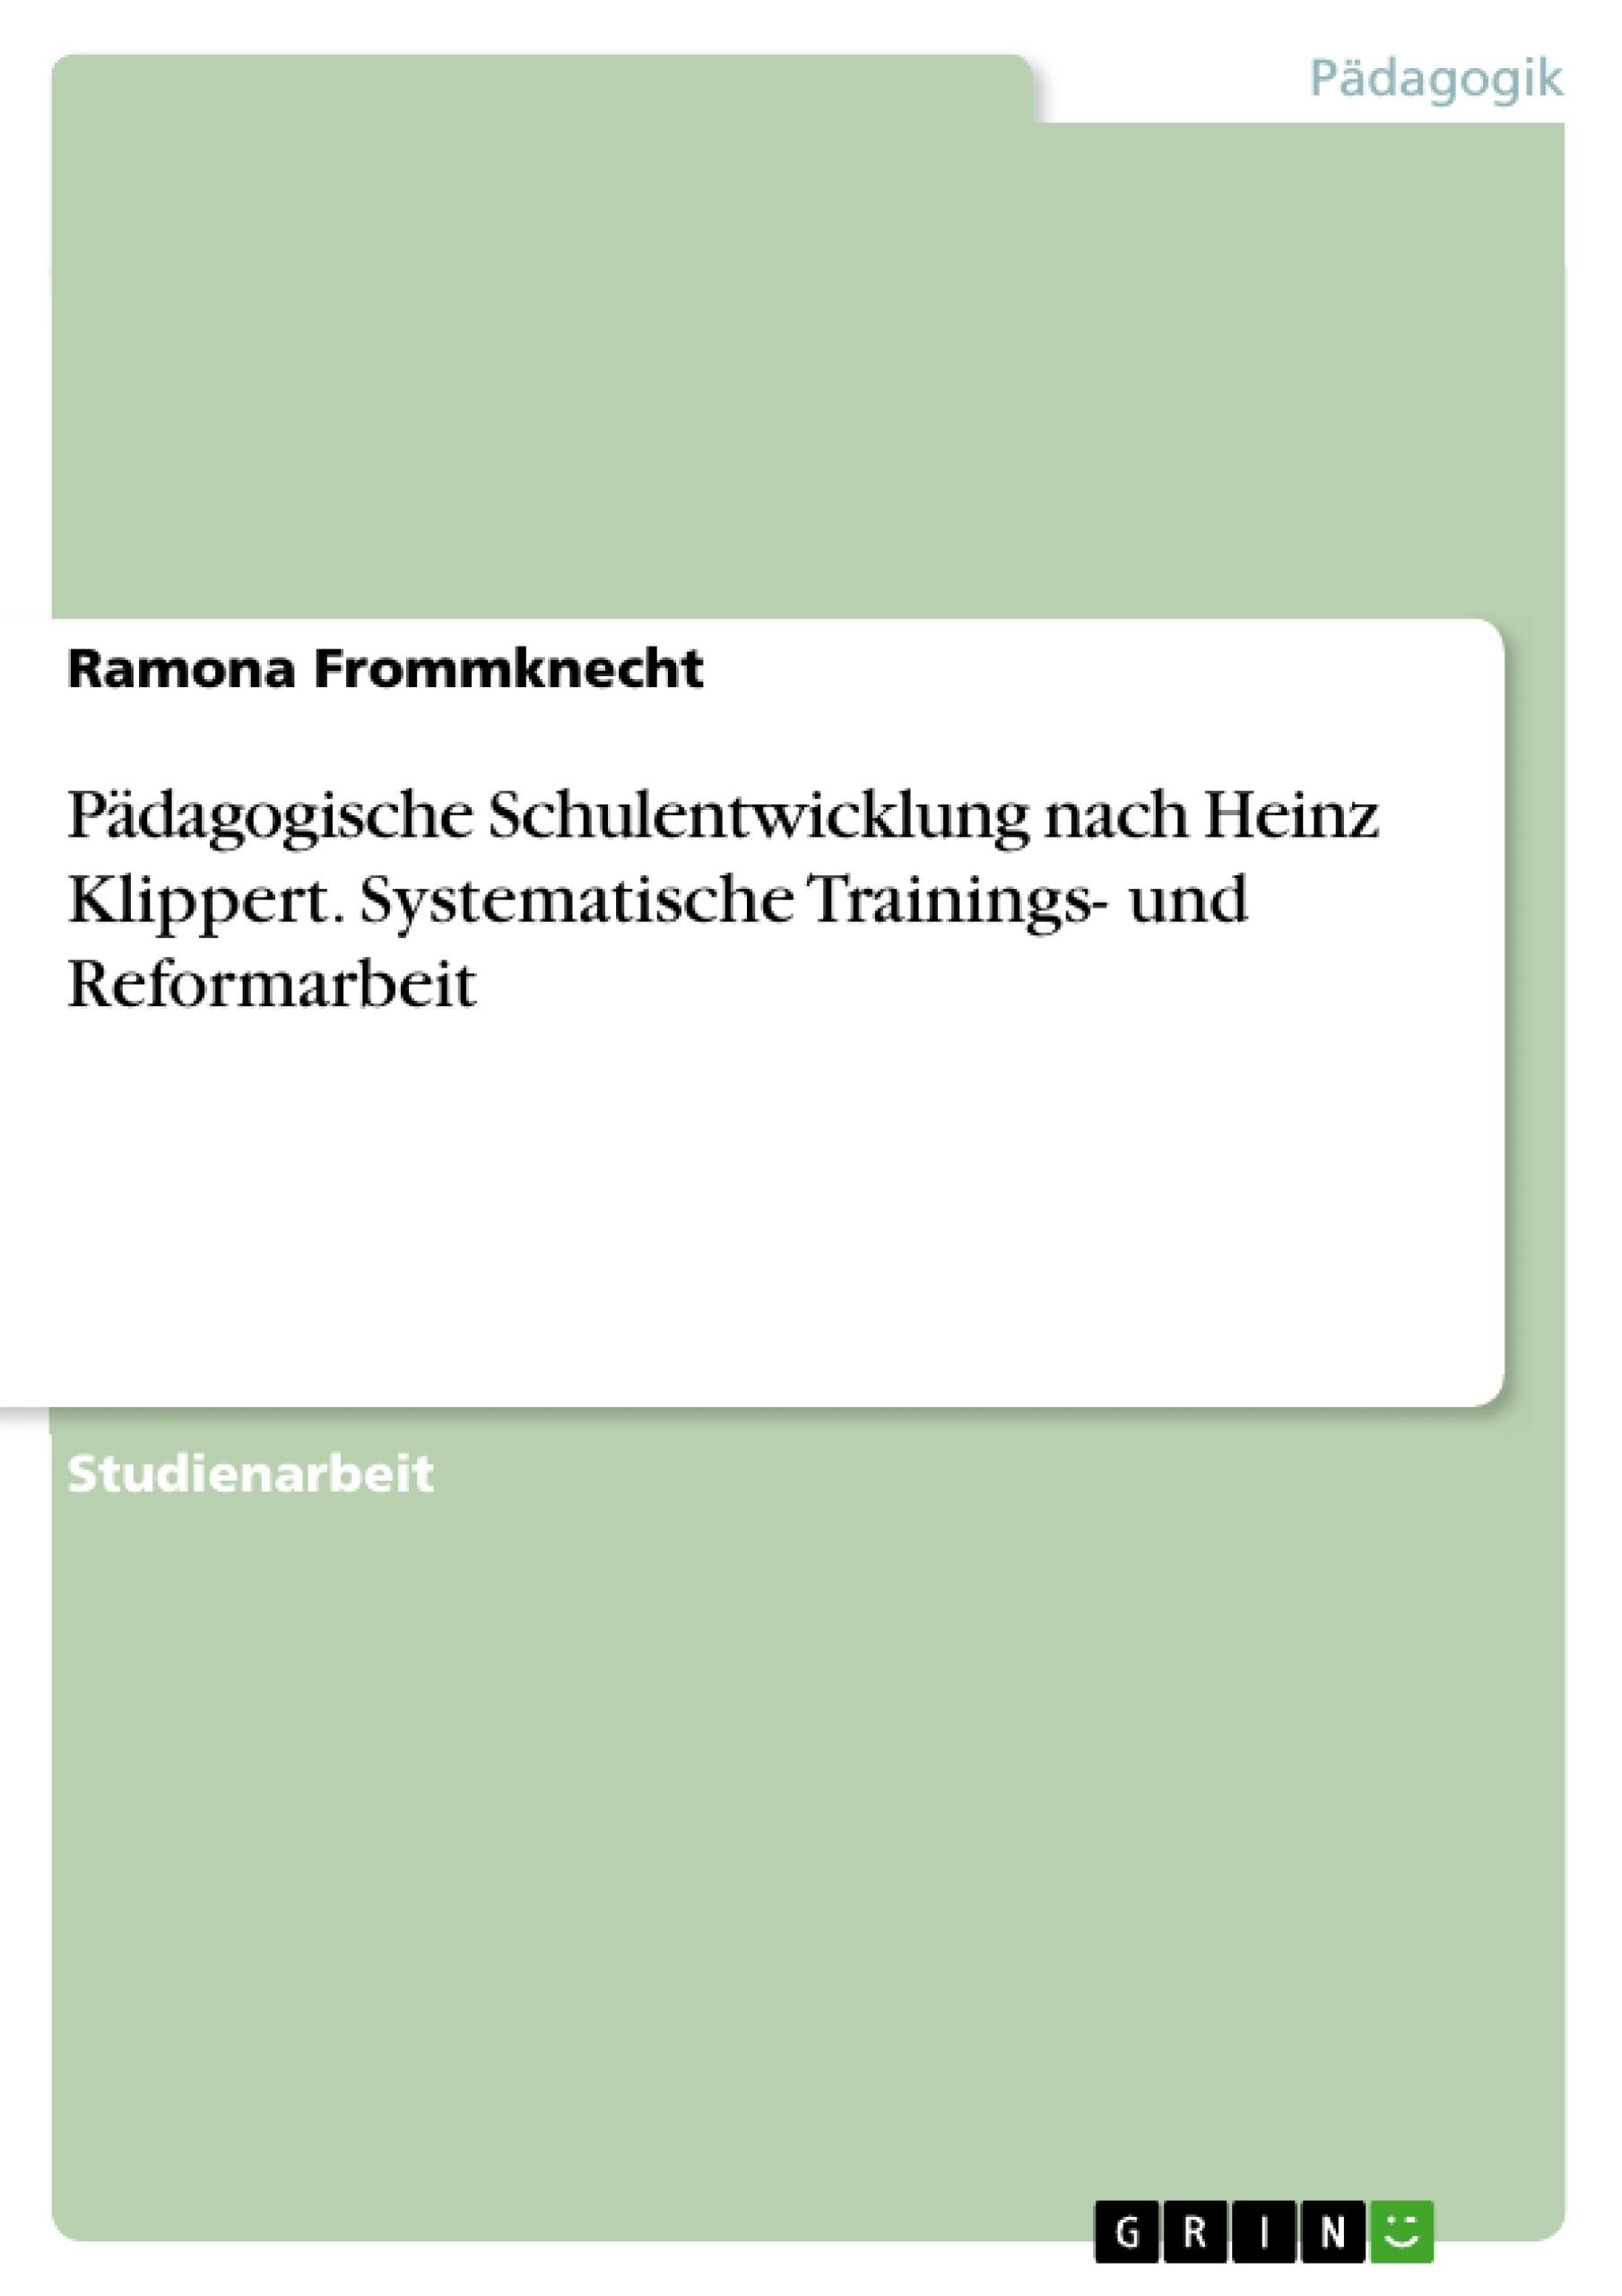 Titel: Pädagogische Schulentwicklung nach Heinz Klippert. Systematische Trainings- und Reformarbeit